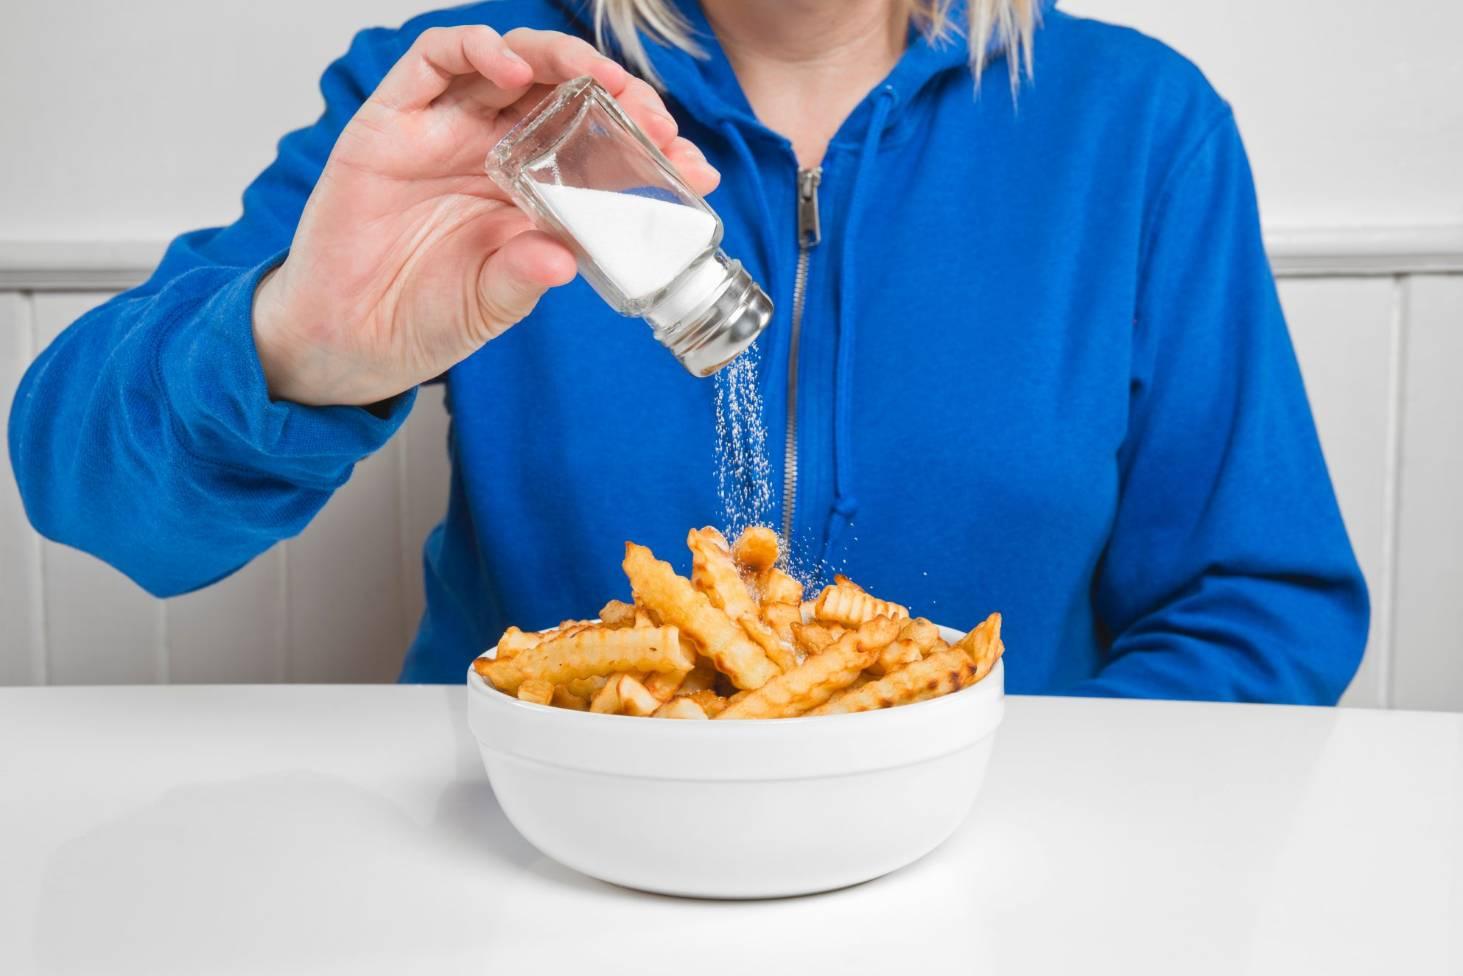 Chế độ ăn uống mất cân bằng, thiếu dinh dưỡng khiến 5 loại ung thư nguy hiểm dễ dàng tìm tới bạn - Ảnh 5.